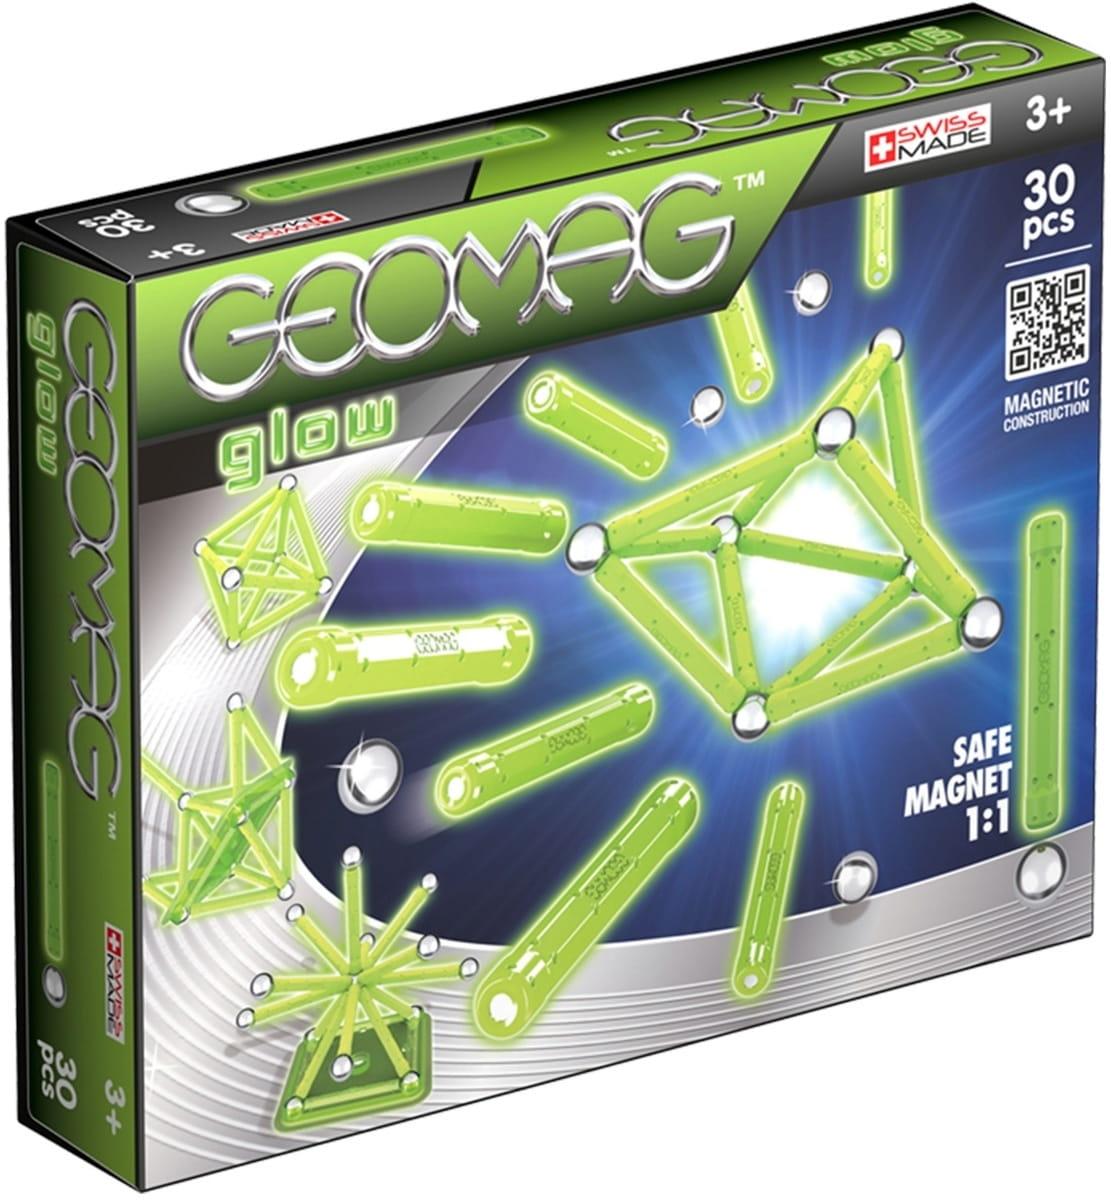 Магнитный конструктор GEOMAG Glow  30 деталей - Магнитные конструкторы